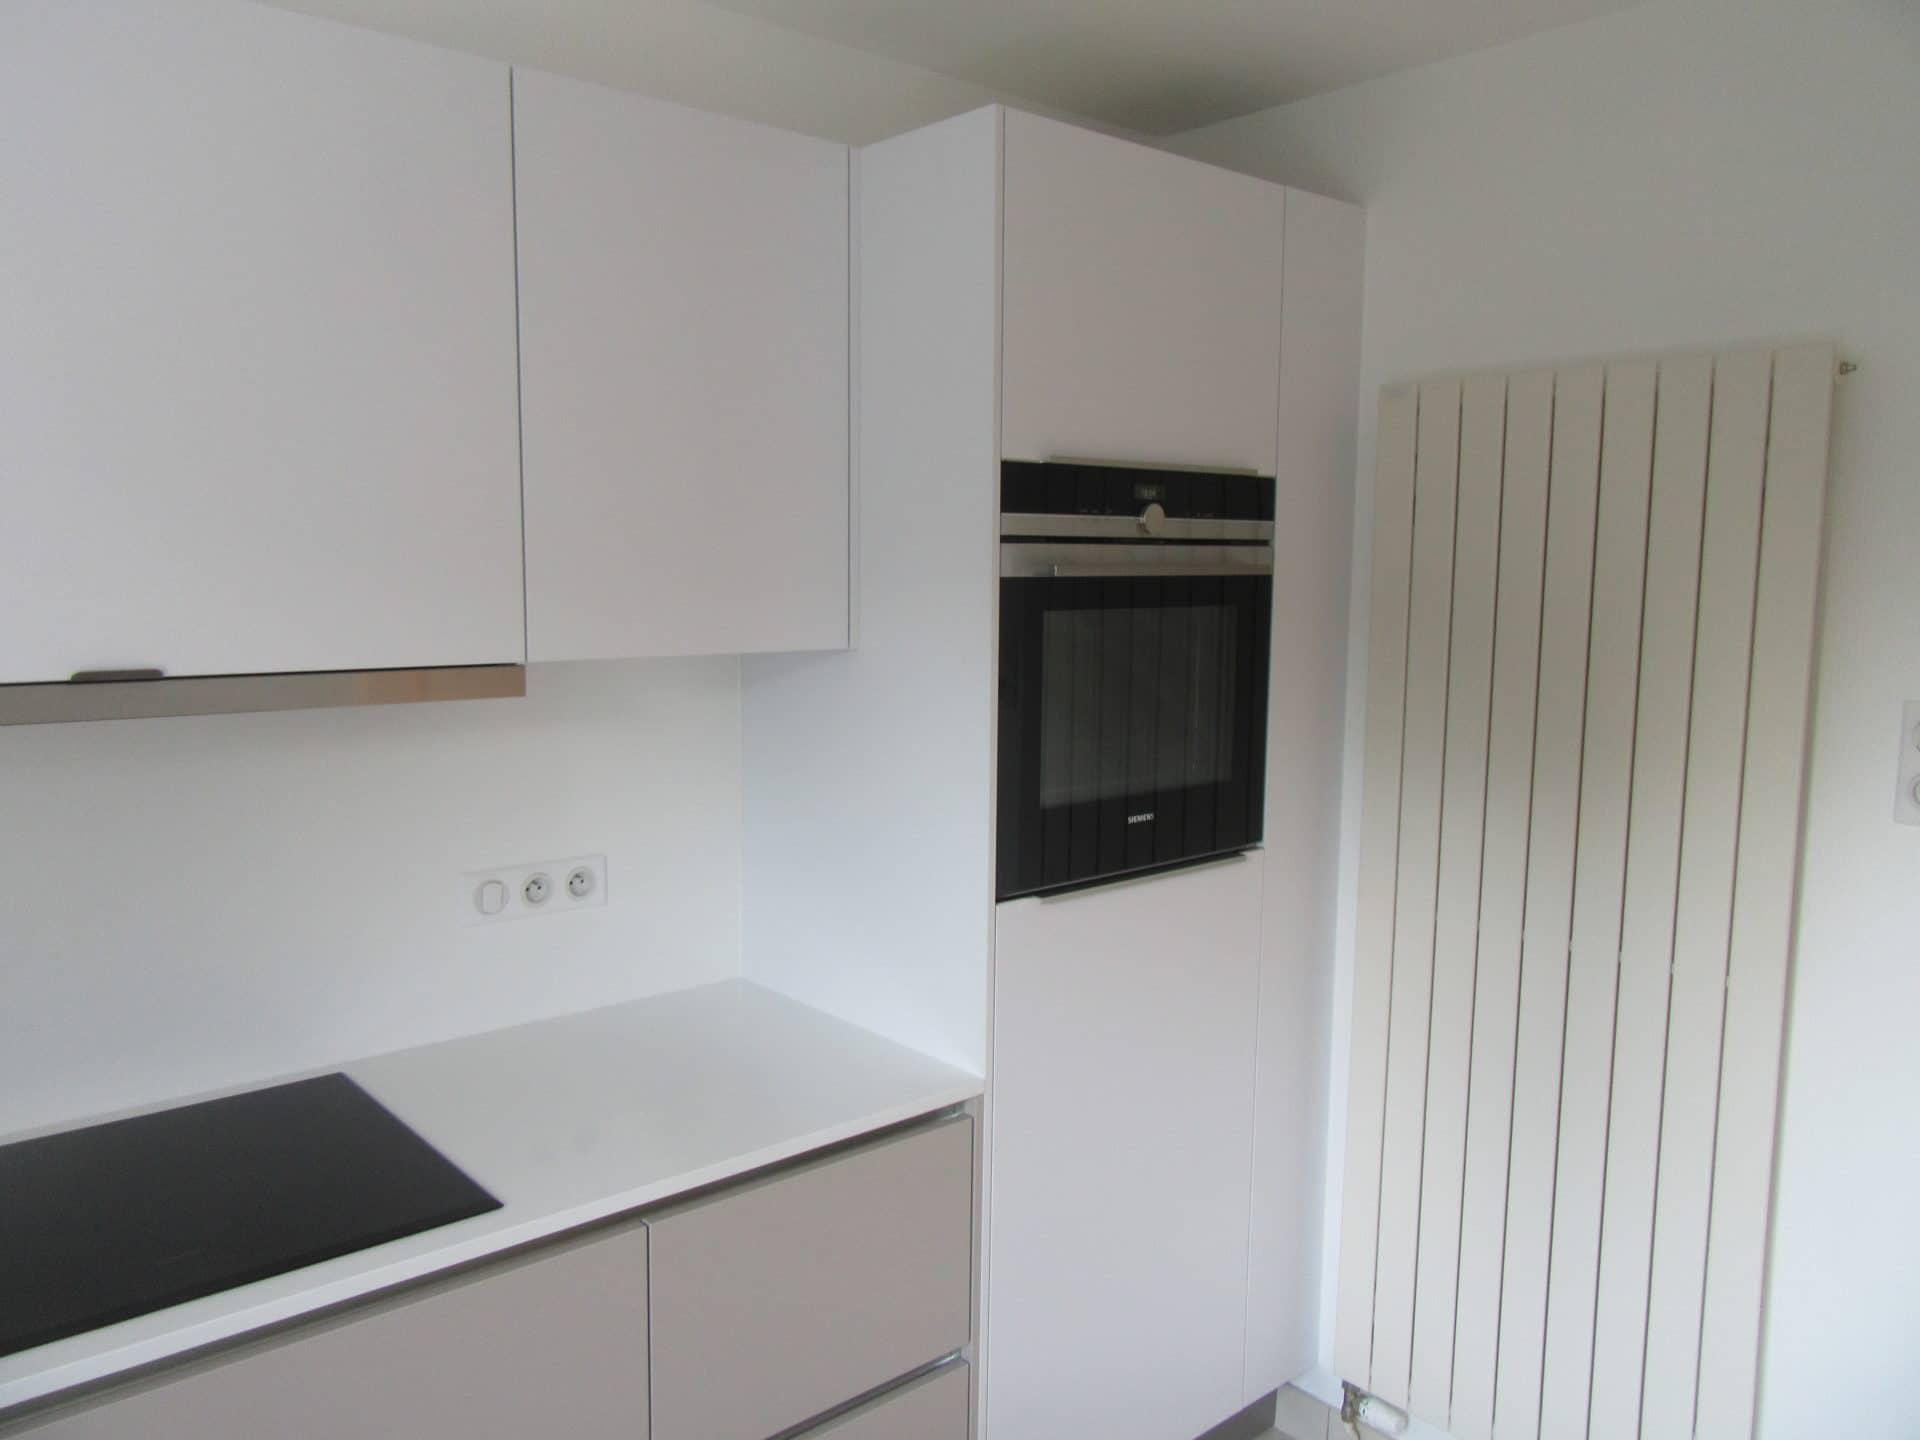 Rénovation de cuisine à Saint Max (54)